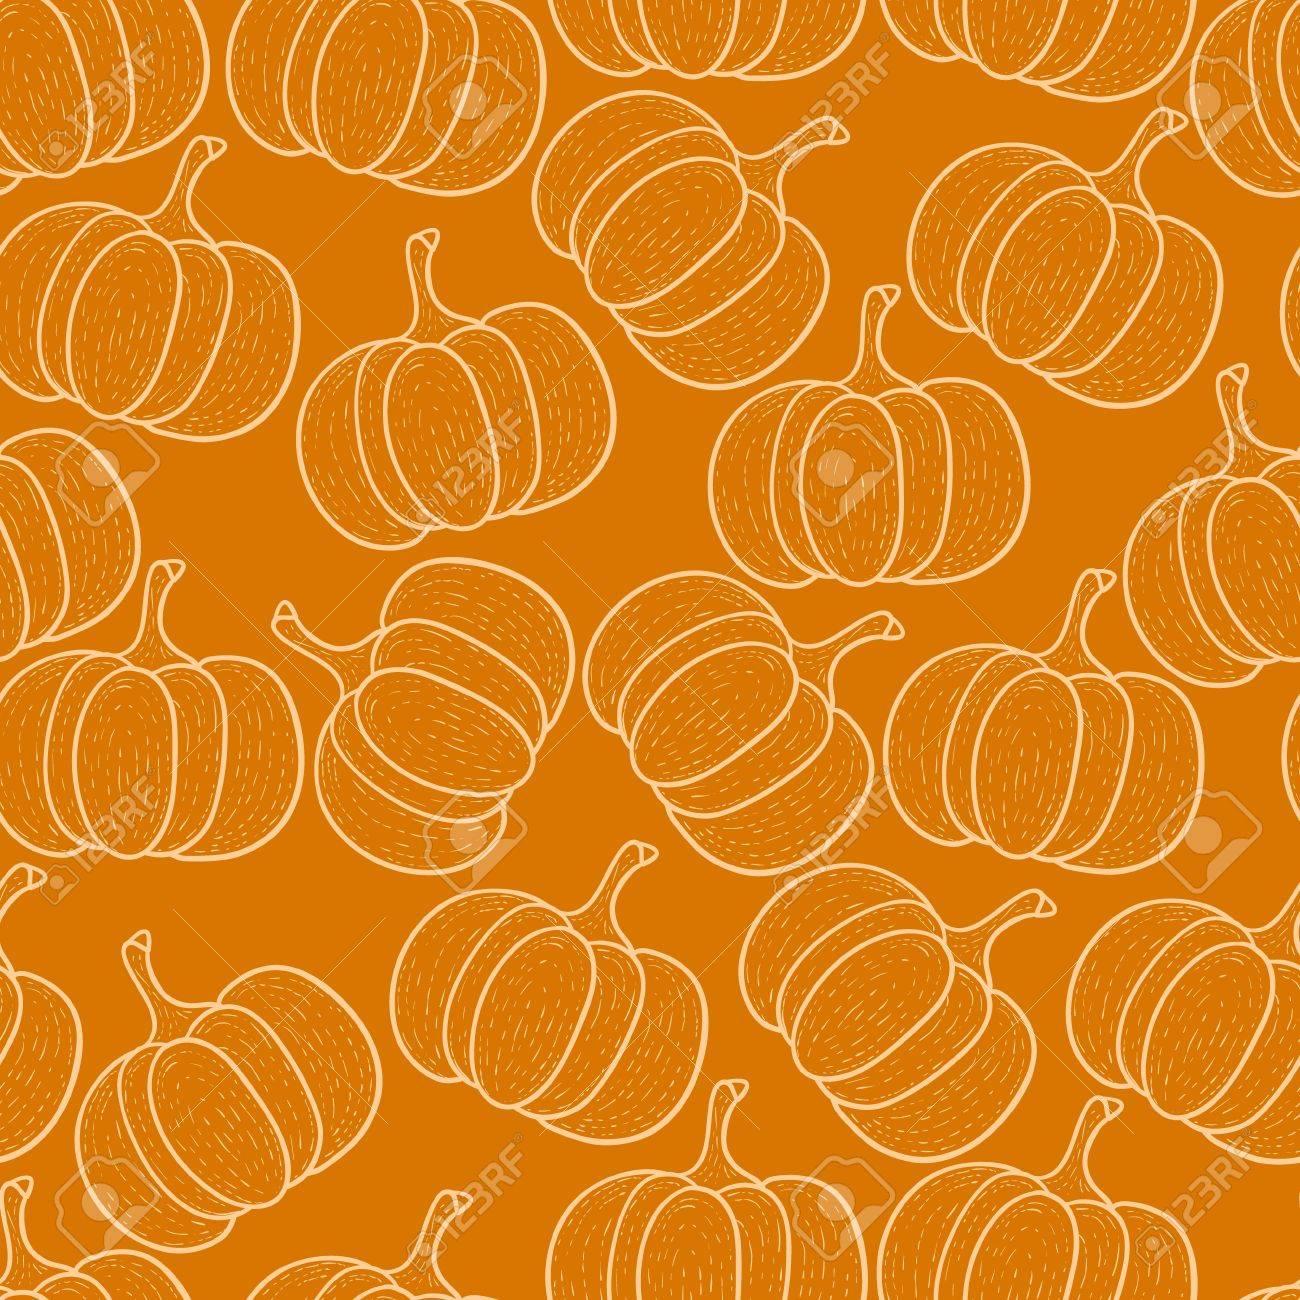 Pumpkin seamless background Stock Vector - 22071290